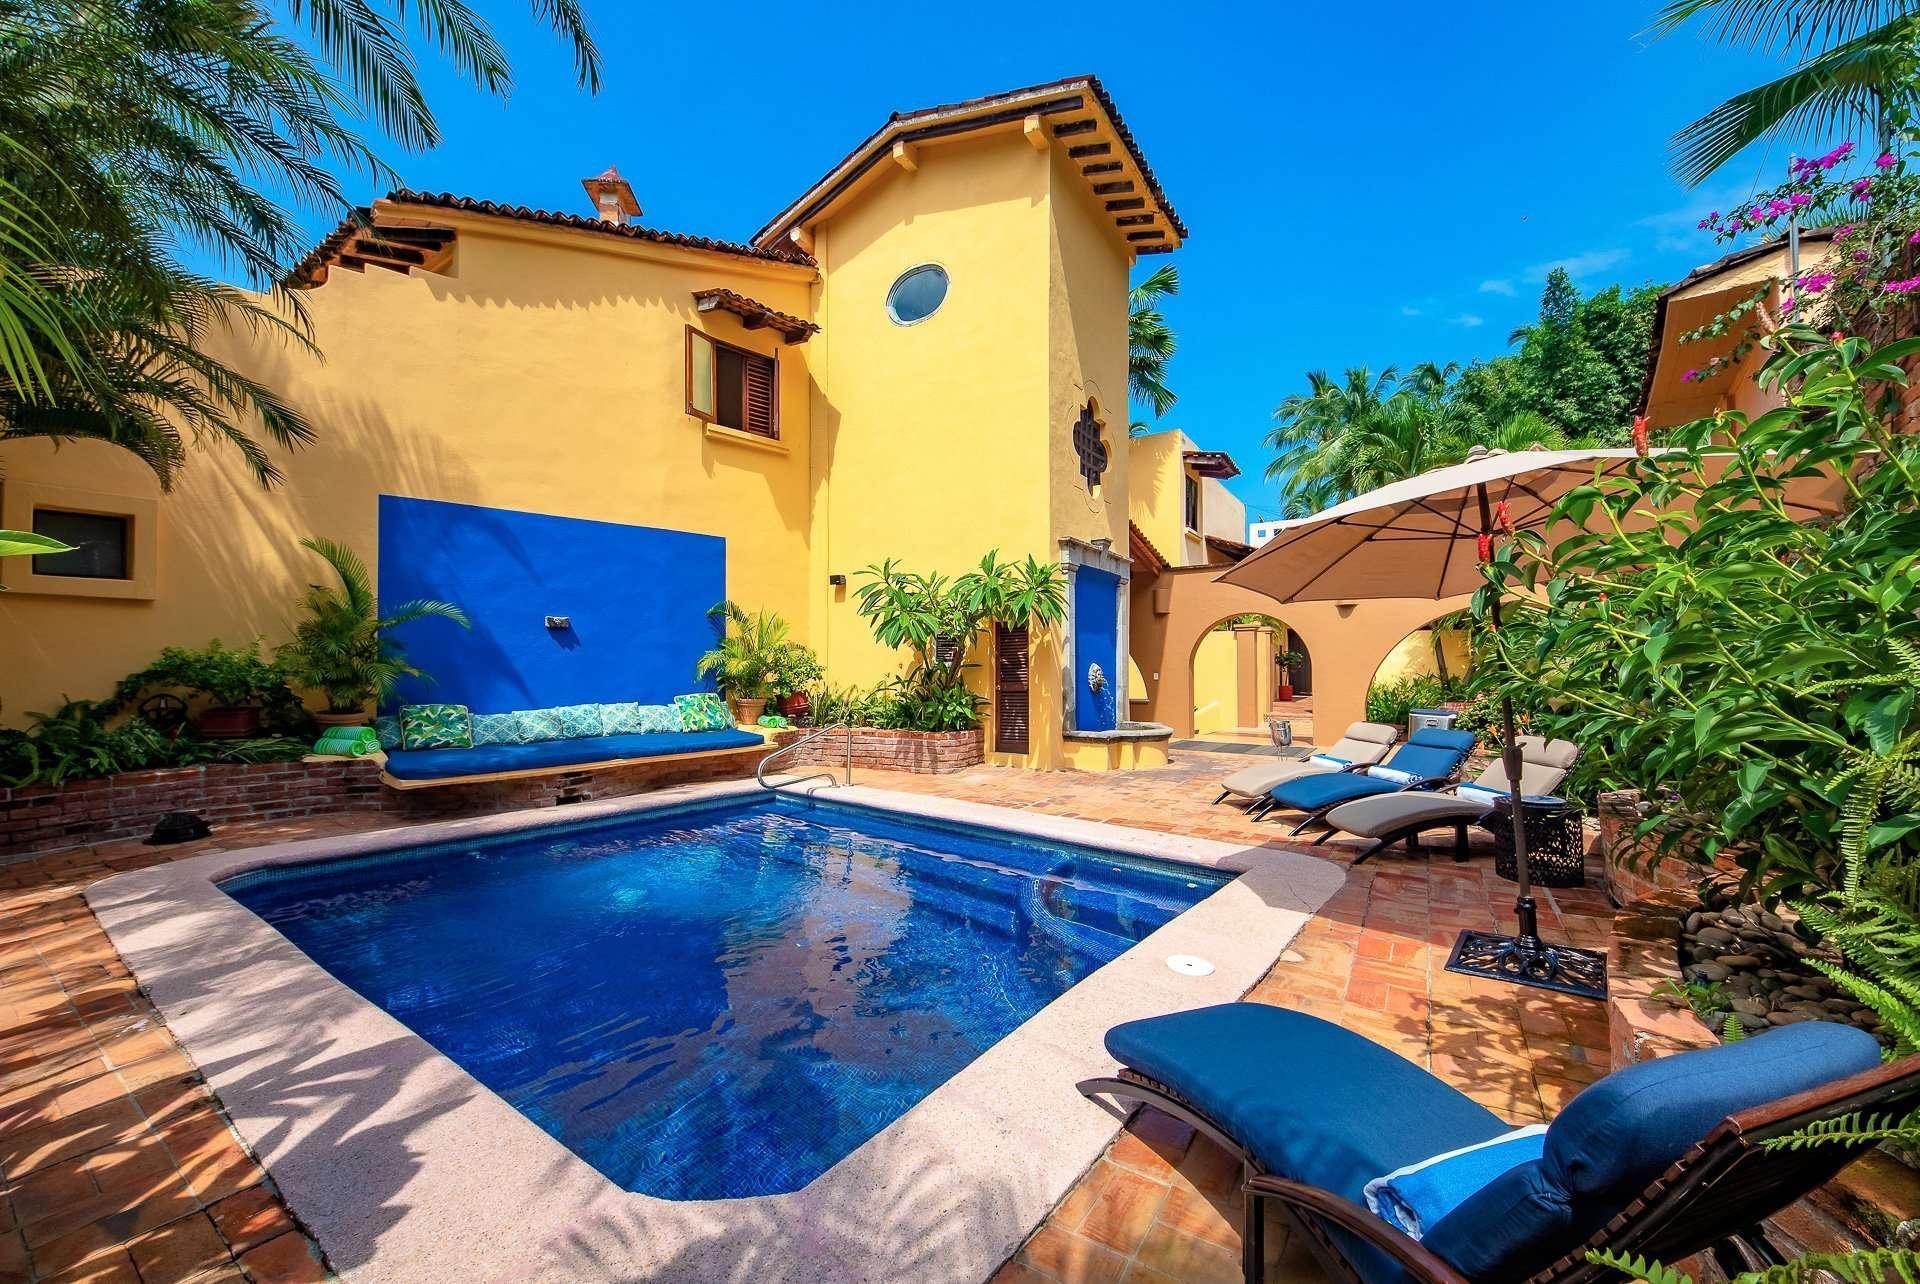 Luxury vacation rentals mexico - Puerto vallarta - Conchas chinas - Villa Las Puertas - Image 1/48